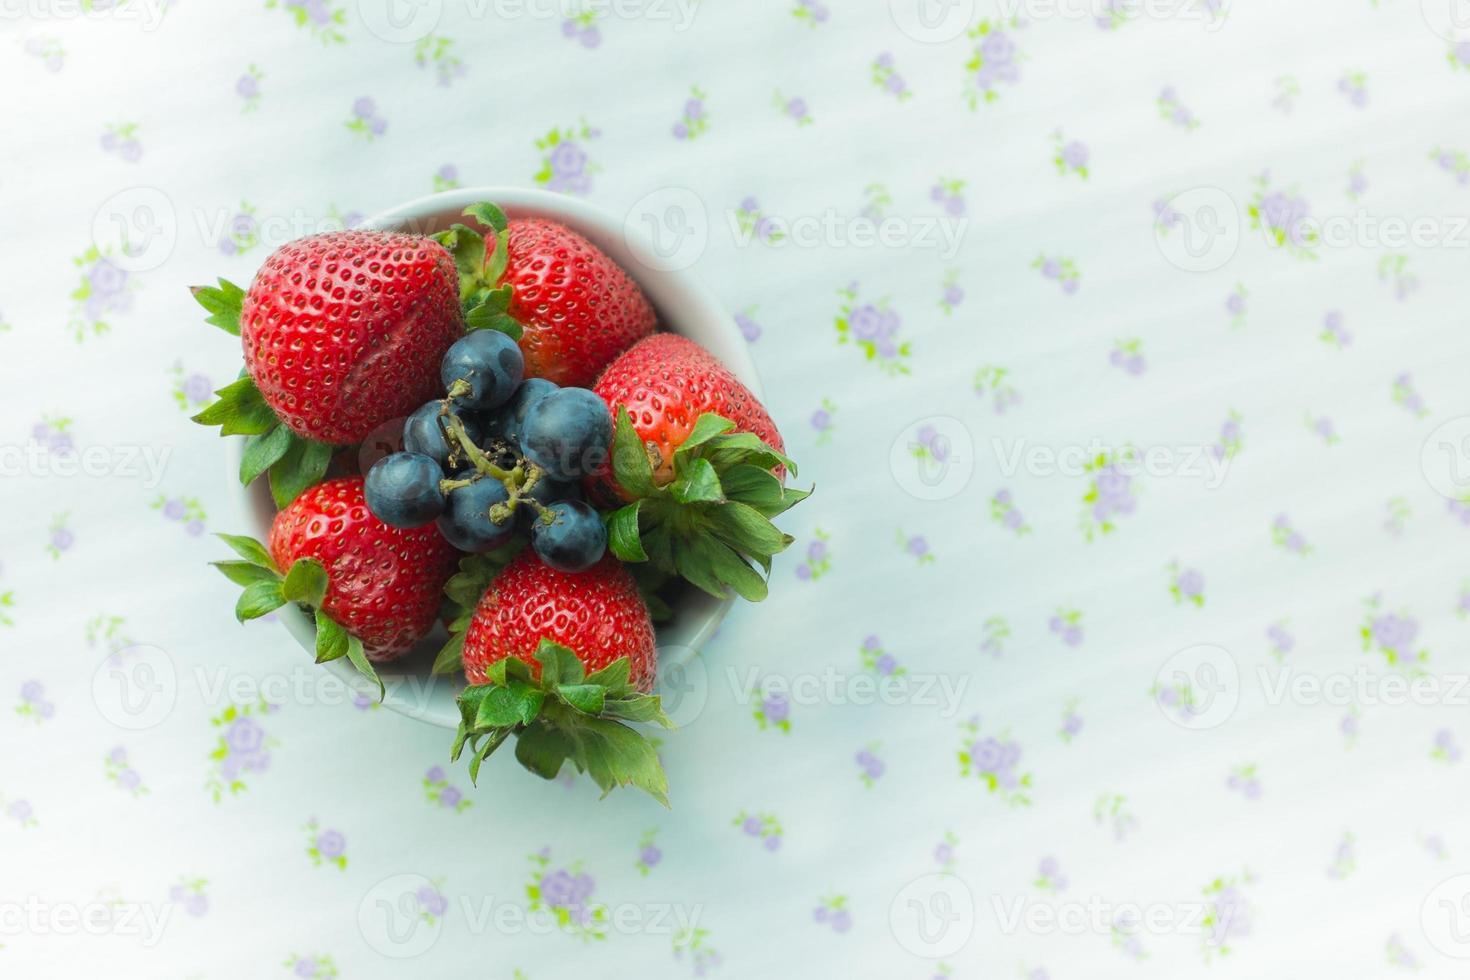 aardbeien en bosbessen in een kom foto